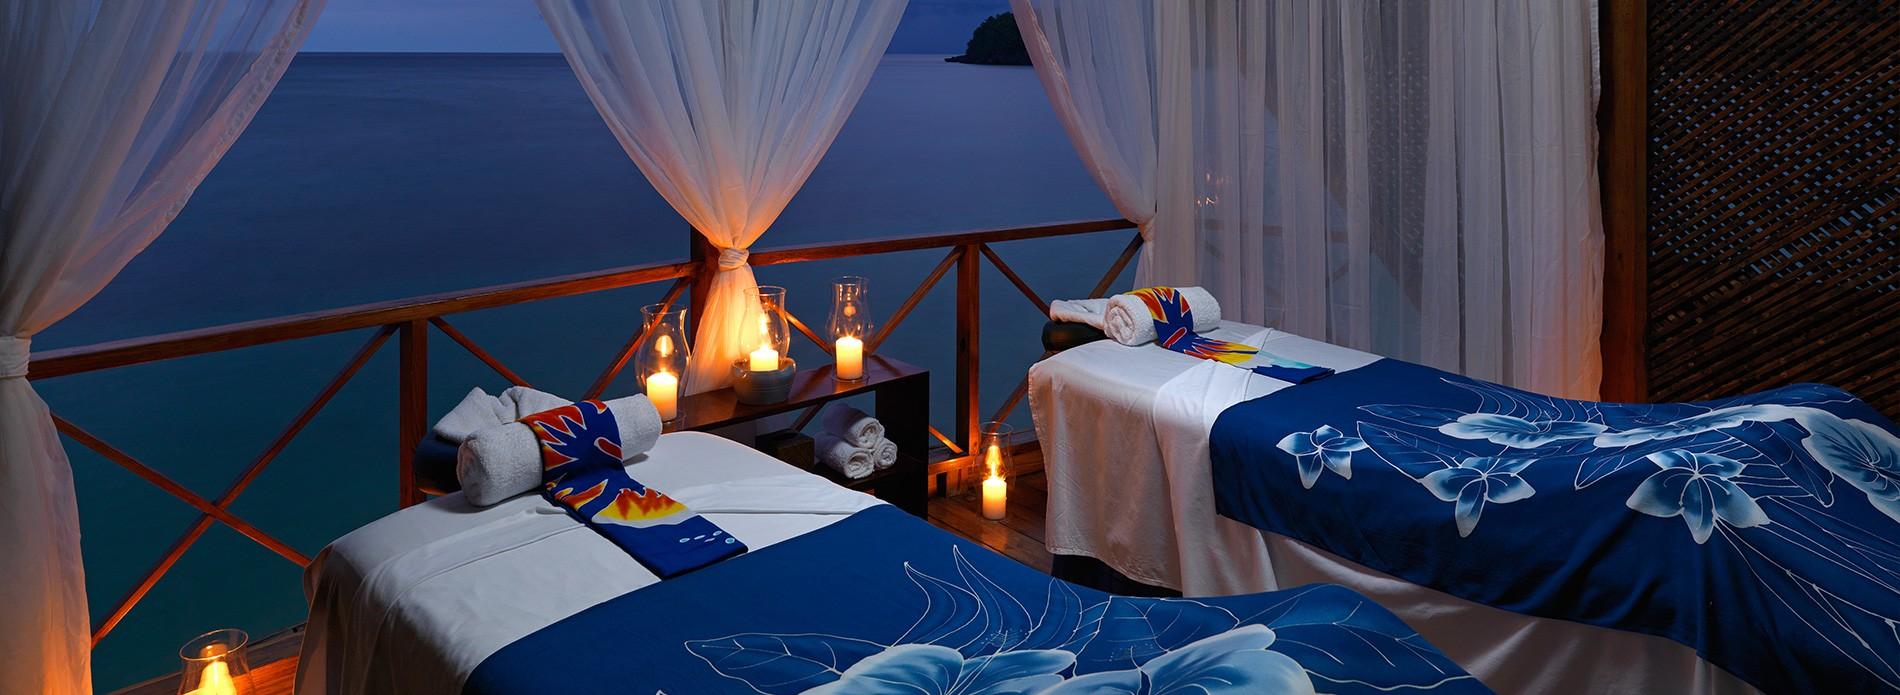 moonlight-spa-jamaica-inn